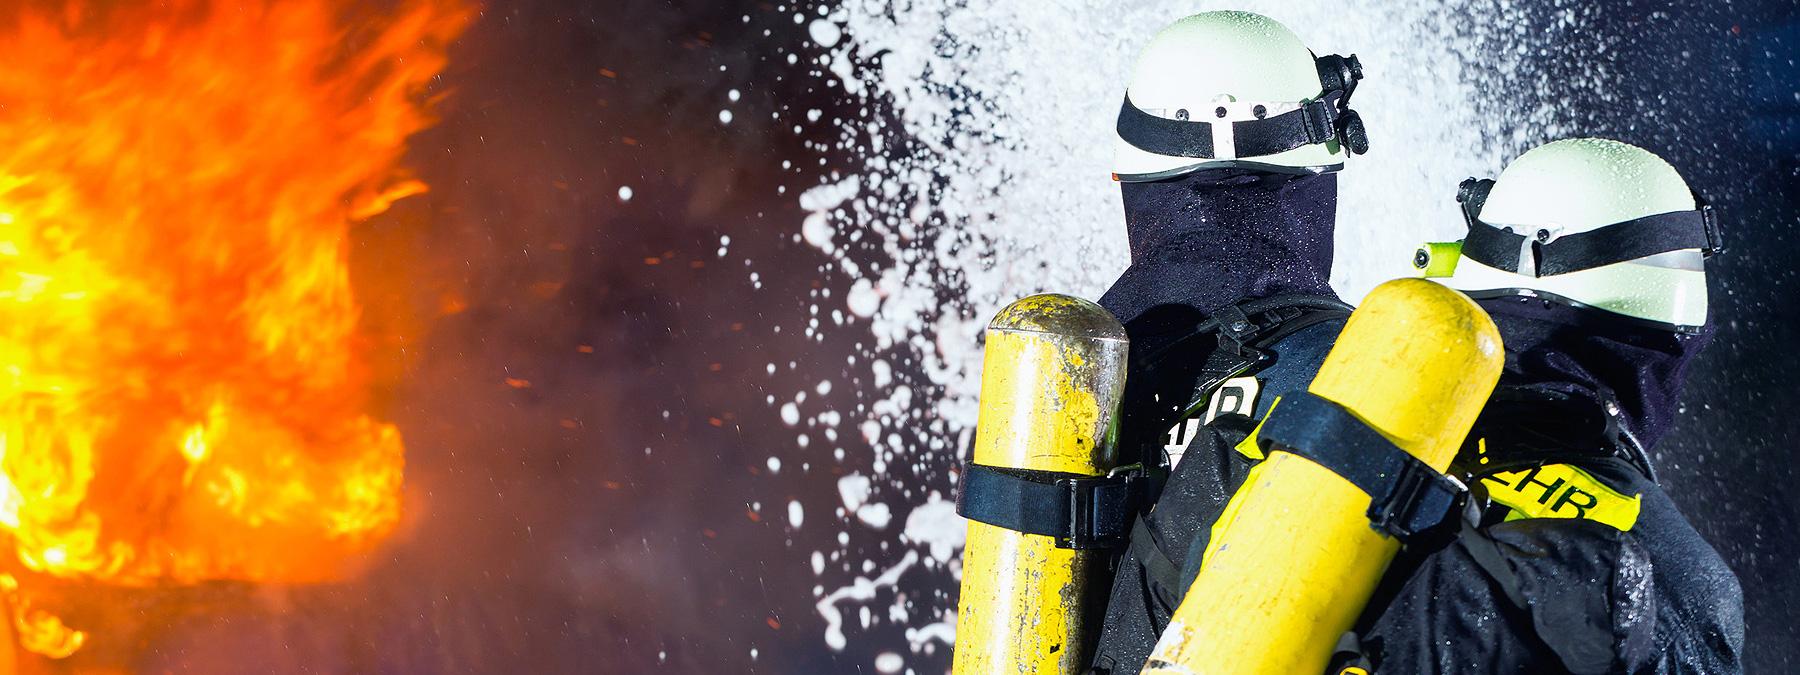 Feuer, Wasser, Sturm, Einbruch, Anwaltskanzlei in Potsdam für Medizinrecht, Versicherungsrecht, Wirtschafts- und Vertragsrecht